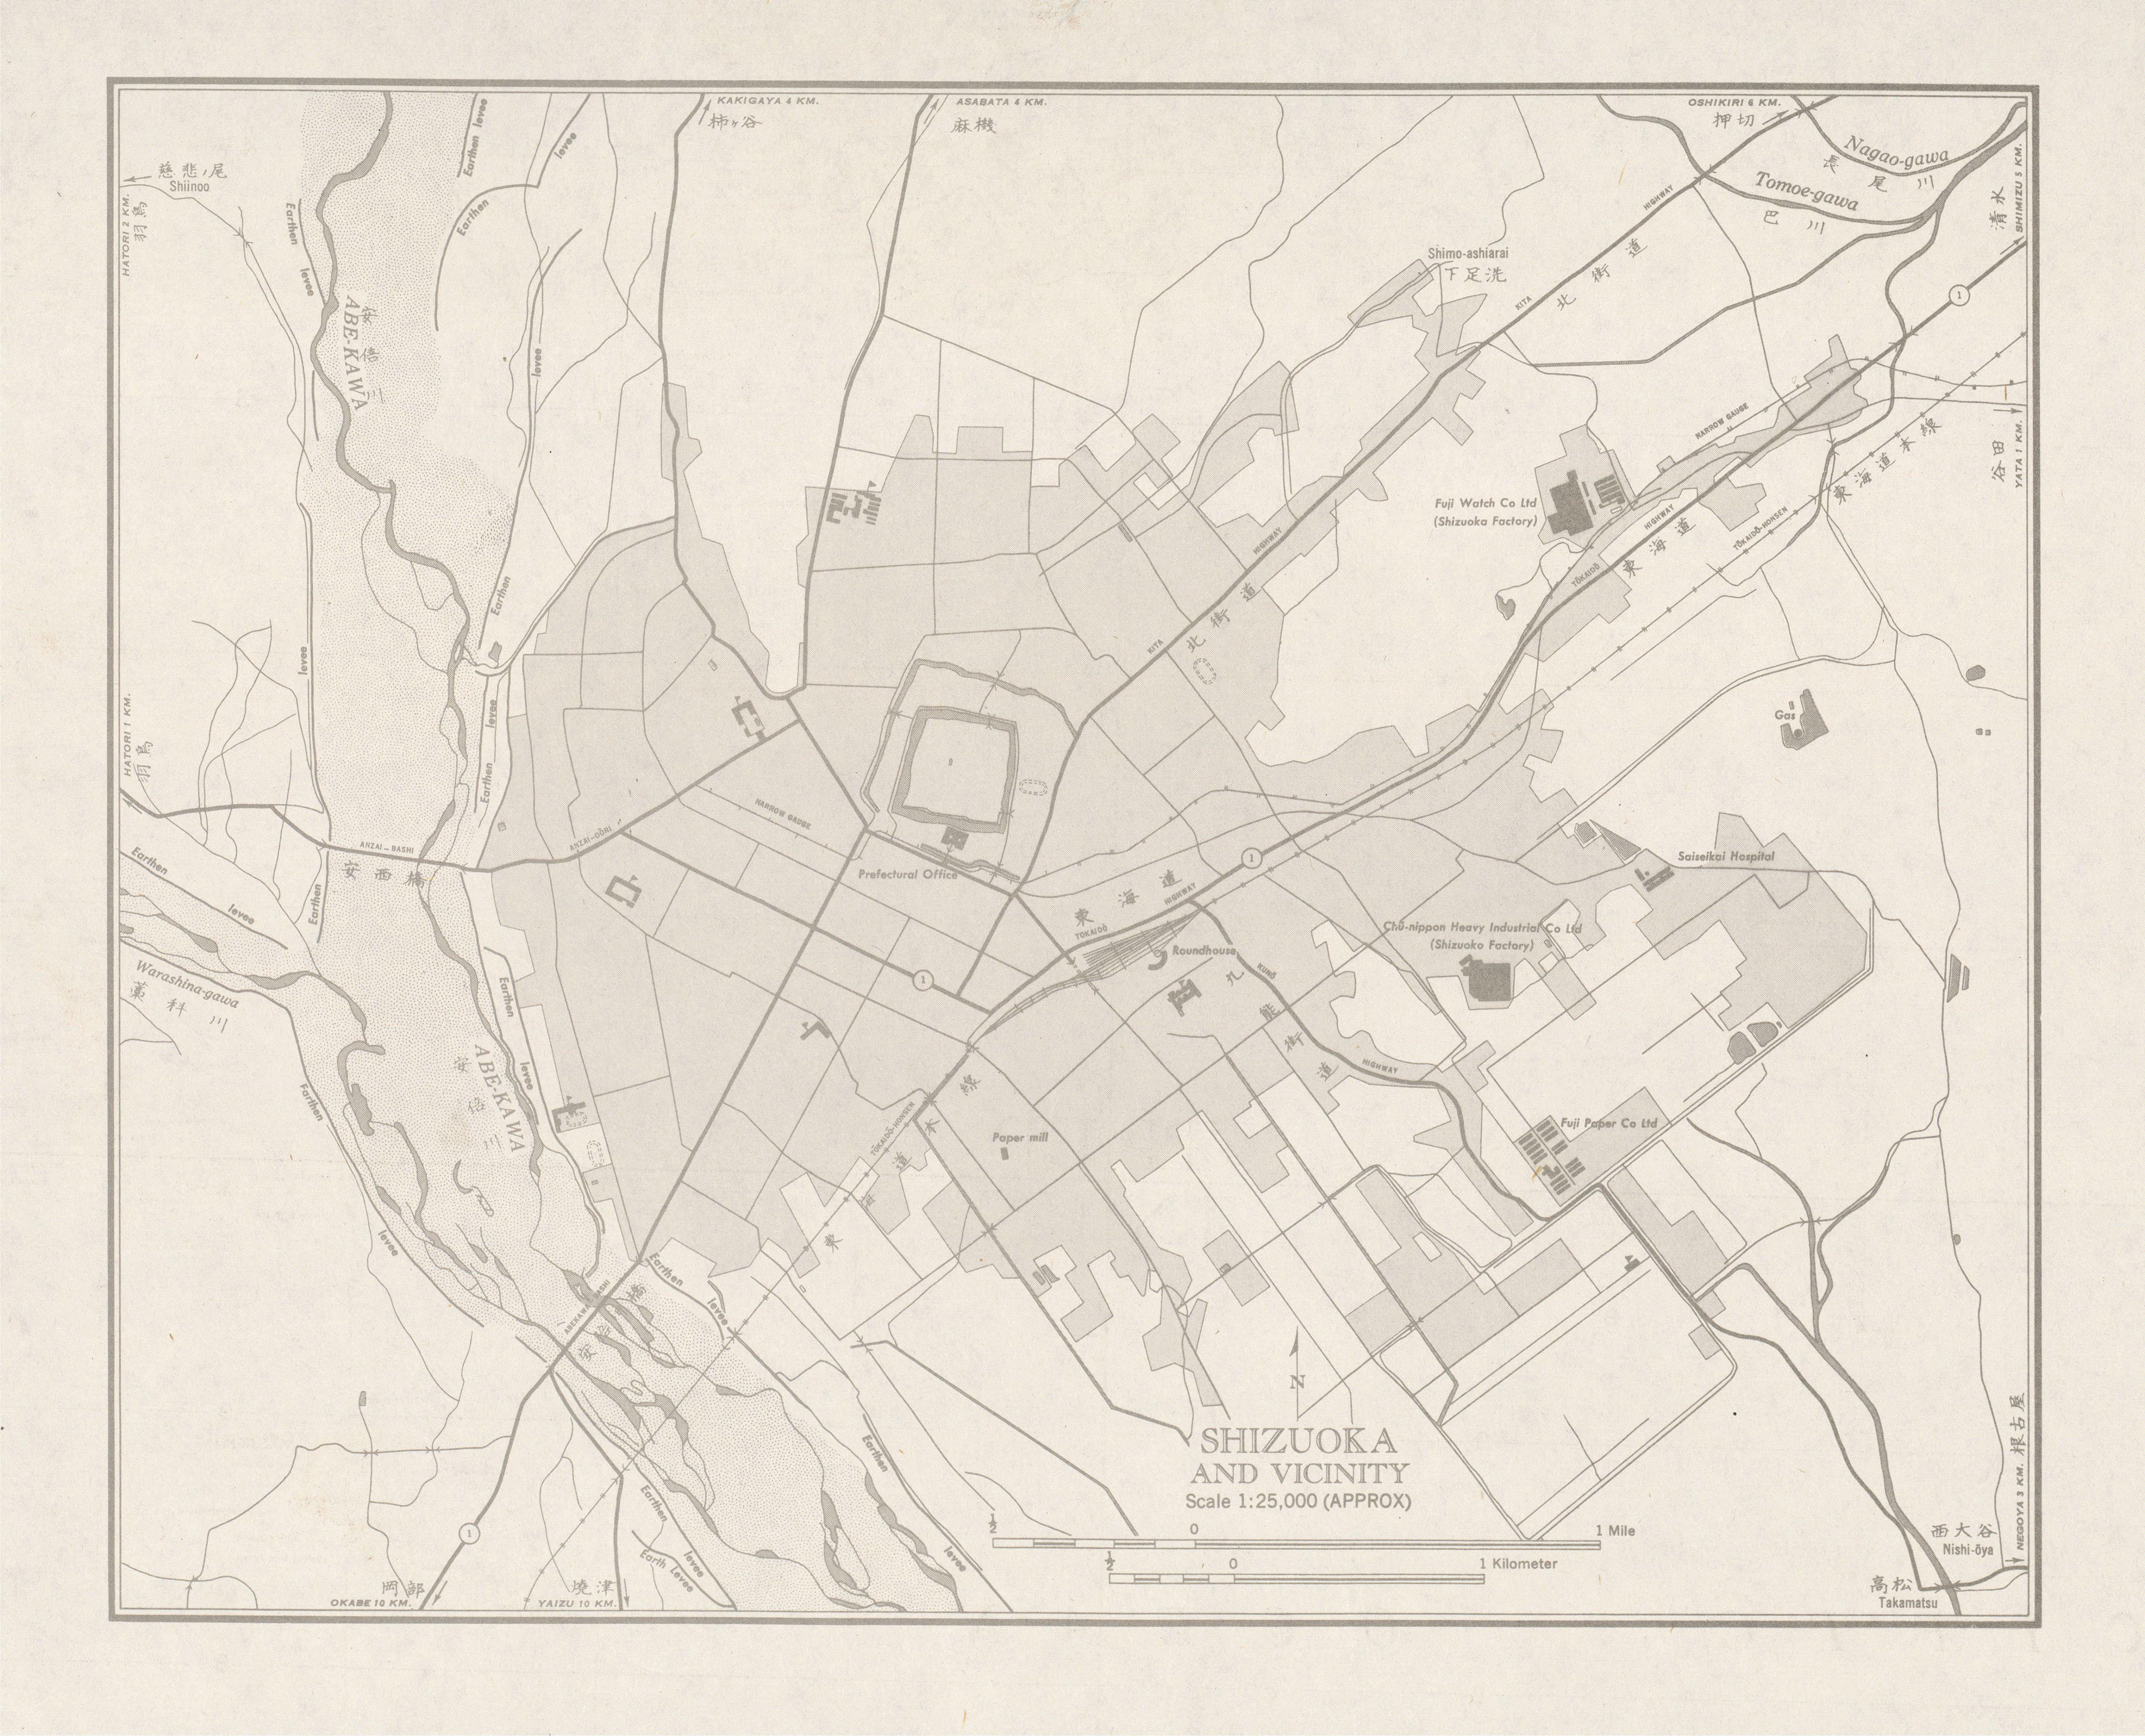 Mapa de Shizuoka y Cercanías, Japón 1954